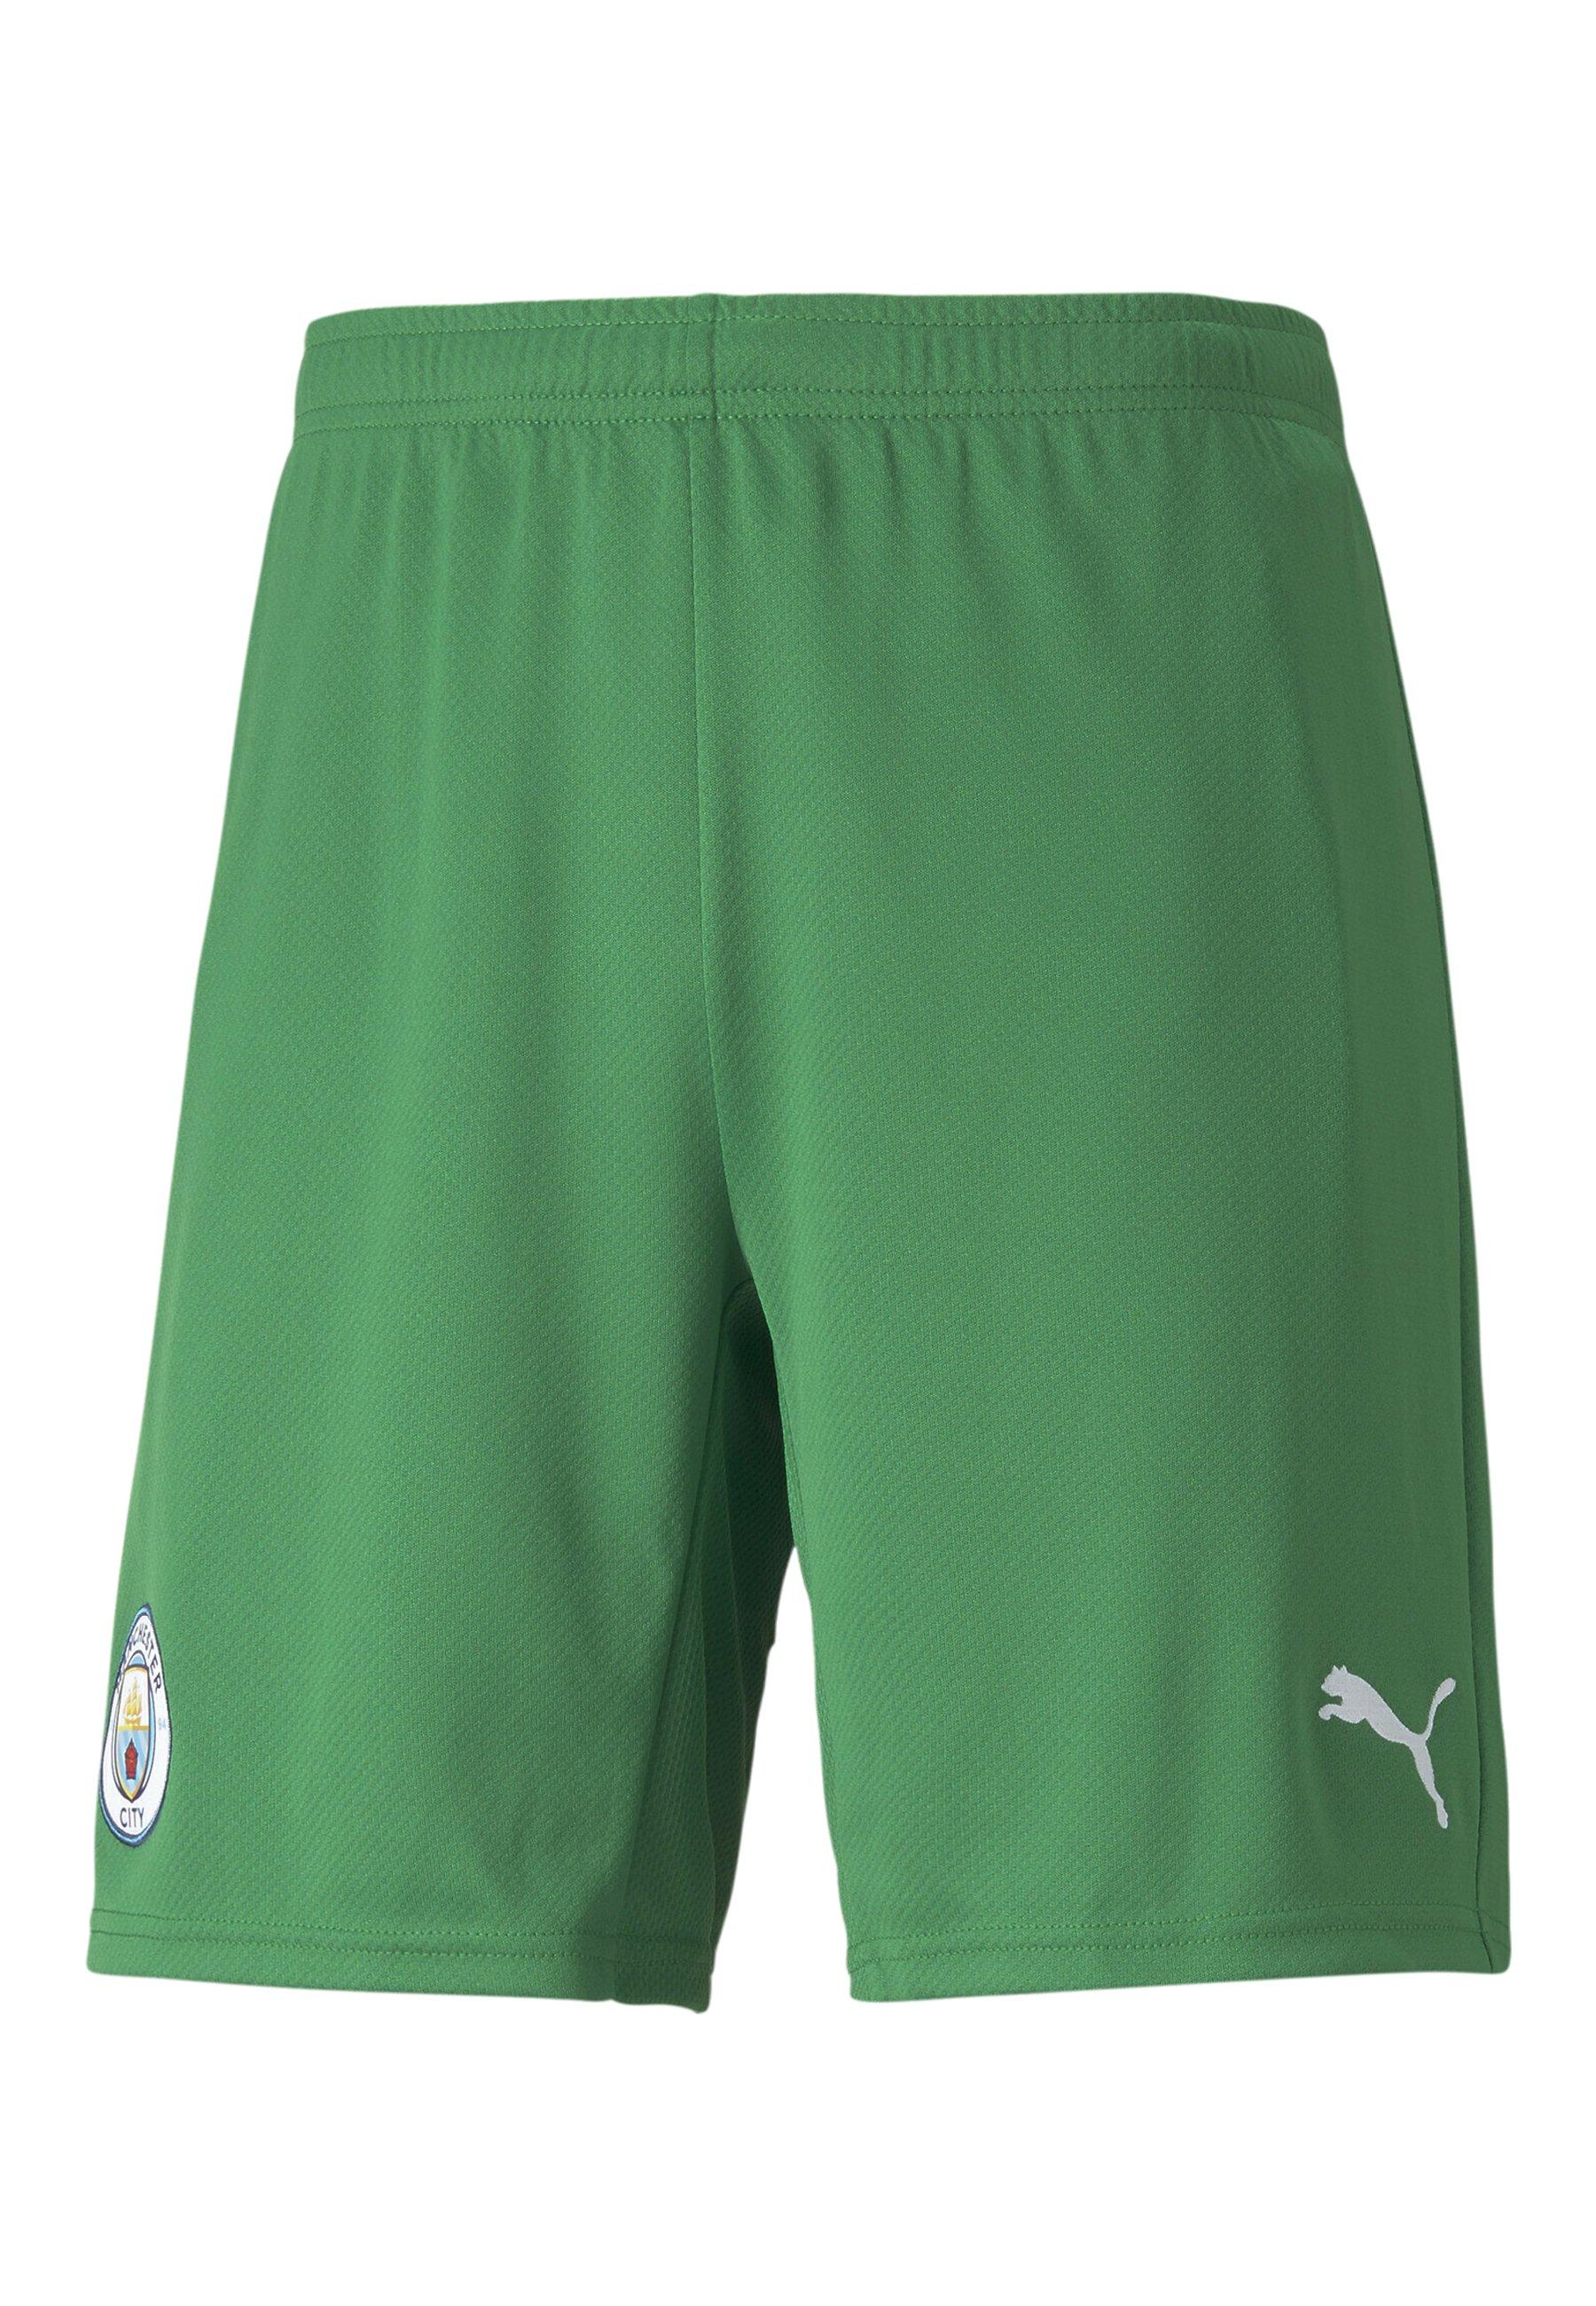 Herren FOOTBALL - kurze Sporthose